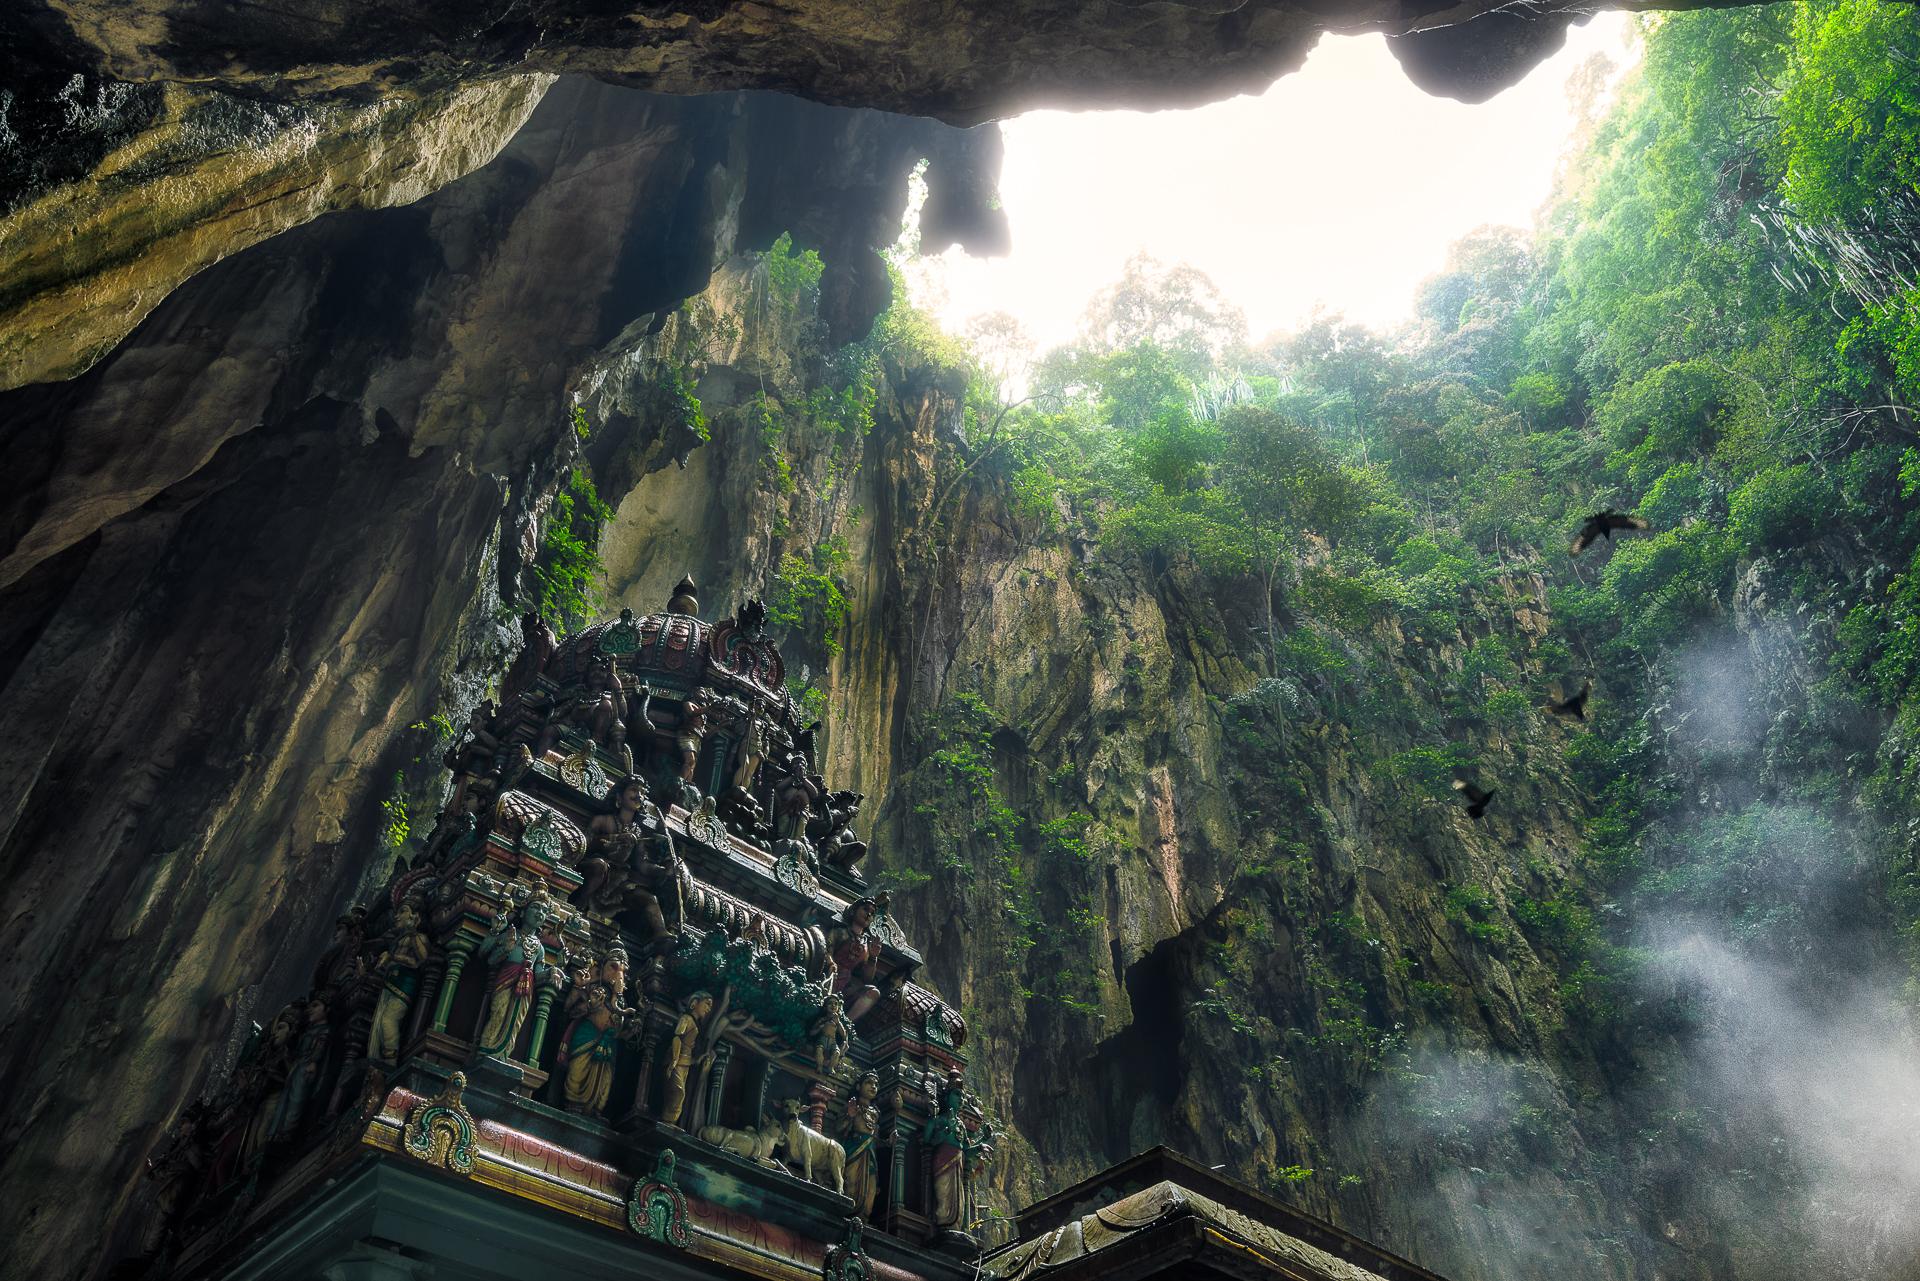 Batu Caves || Malaysia, Malaysia